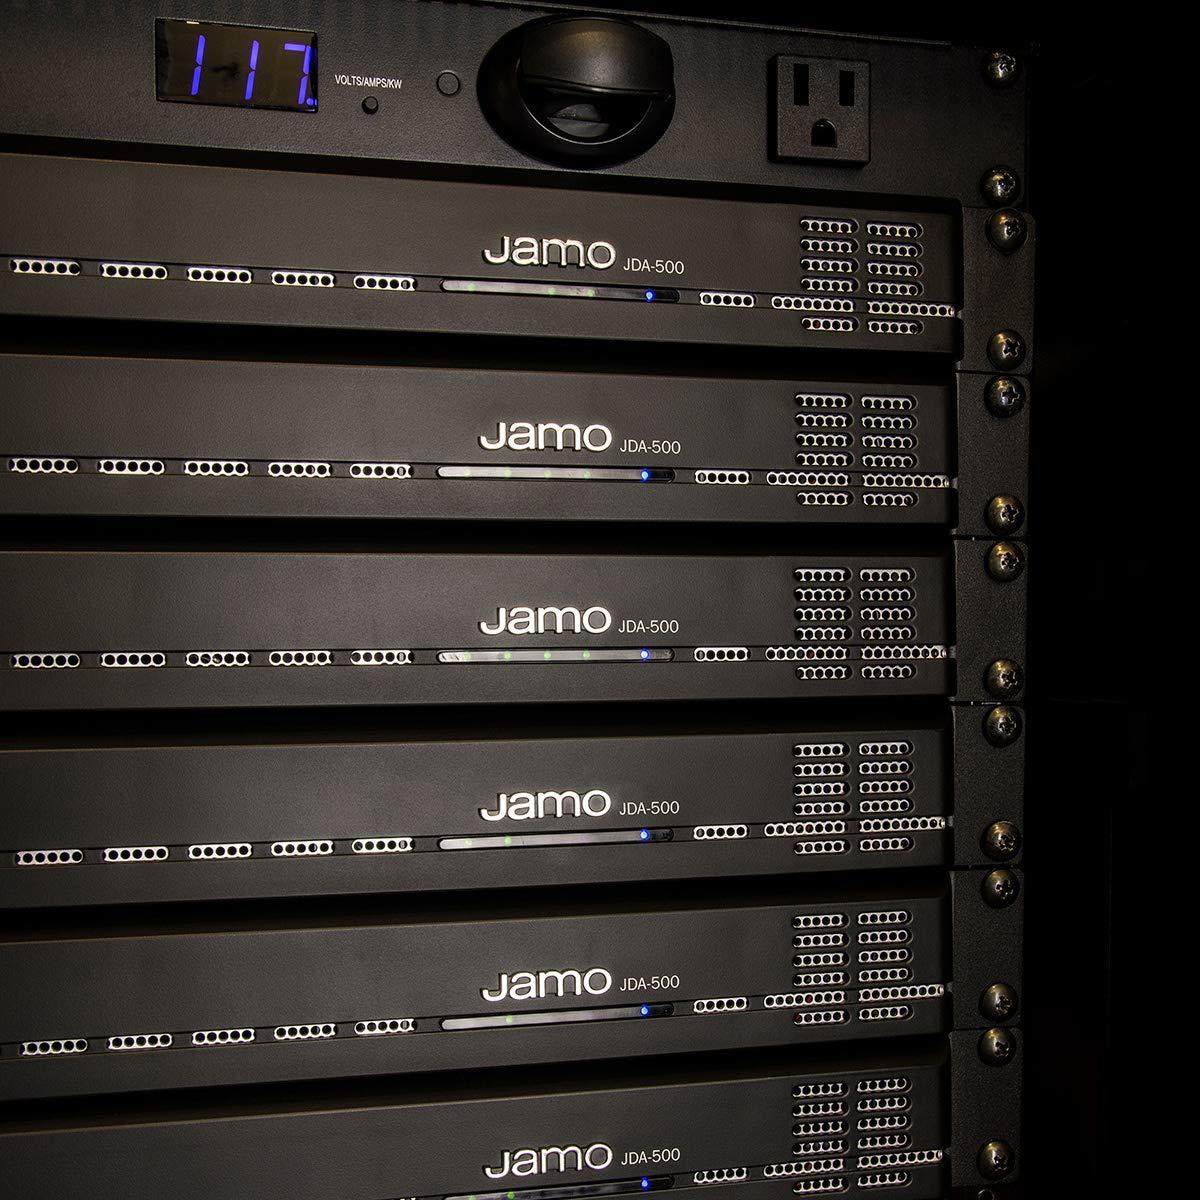 Jamo JL4810 with JDA500 Amplifier - 8 Outdoor Landscape Speaker System on